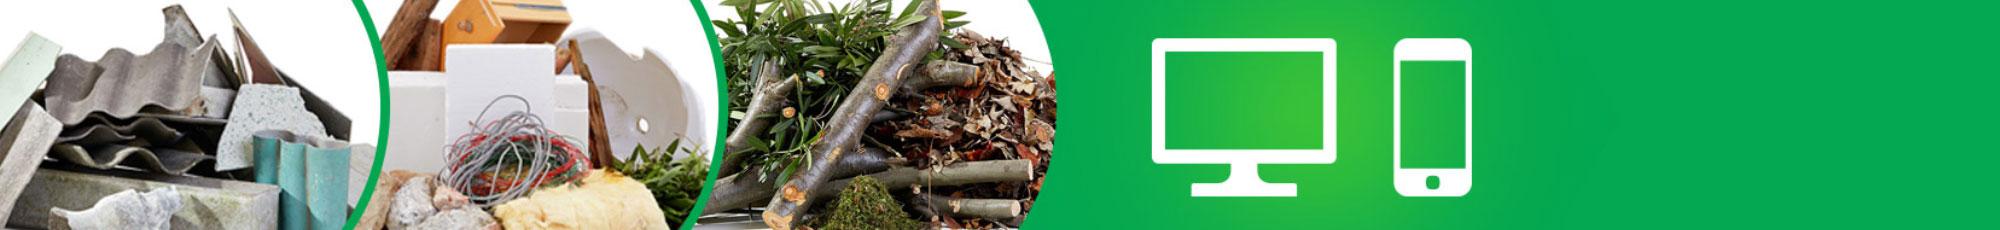 abfallarten-einfach-online-entsorgen